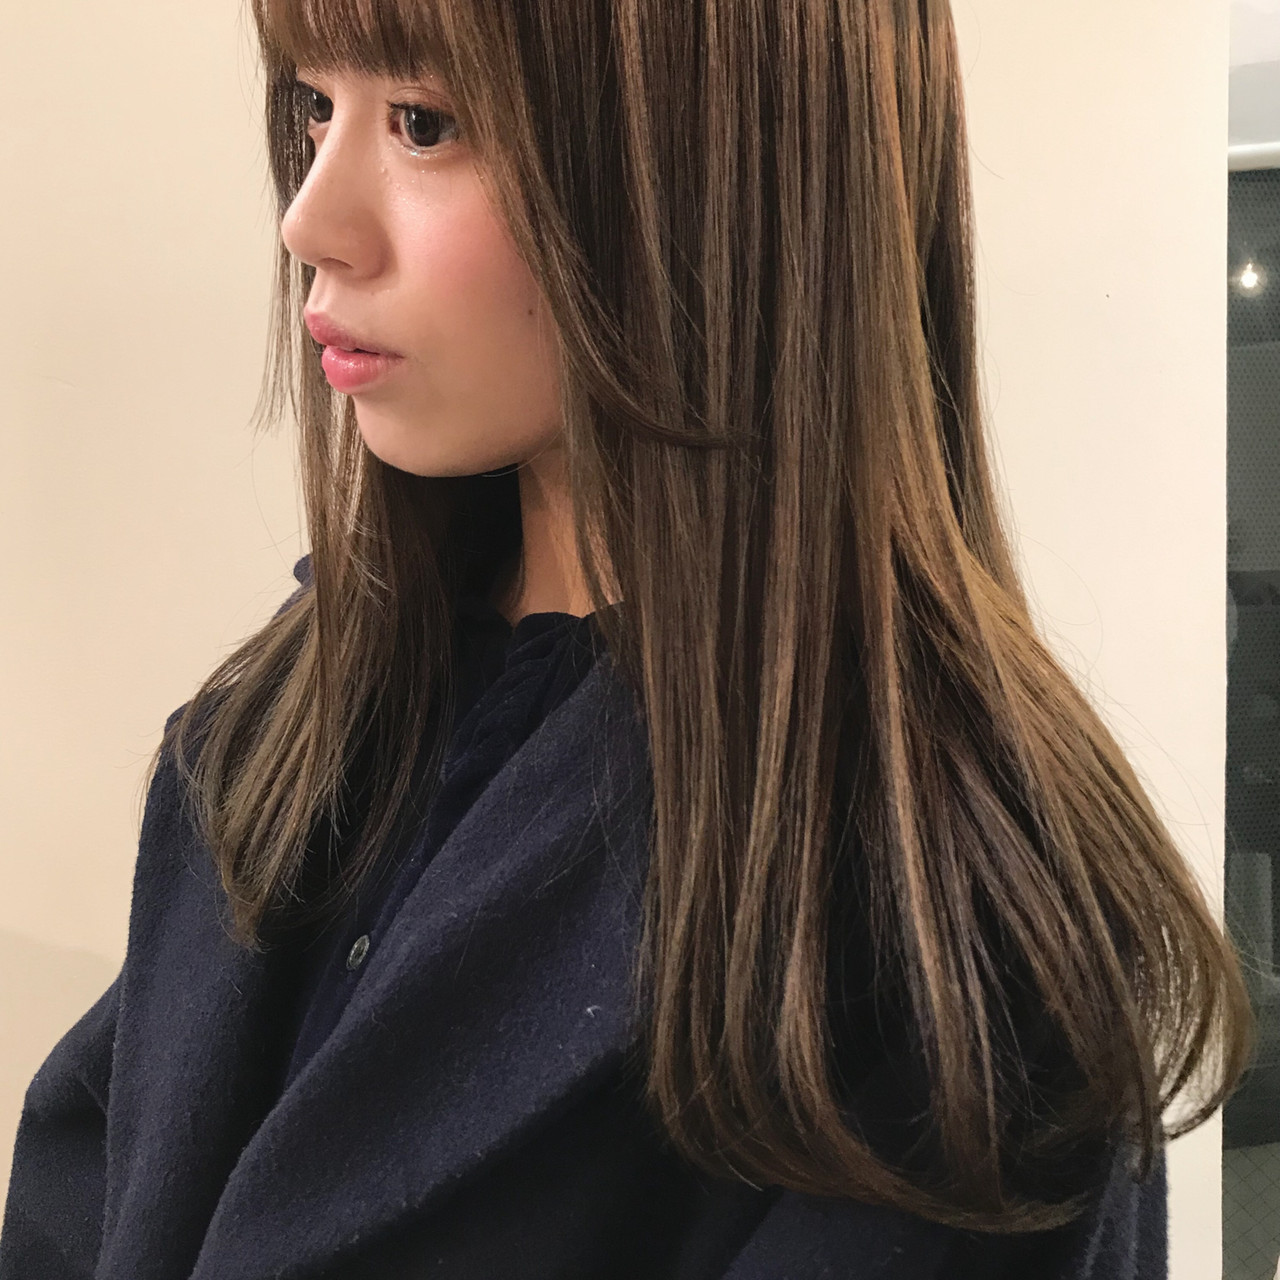 ナチュラル ロング 透明感カラー オーガニック ヘアスタイルや髪型の写真・画像